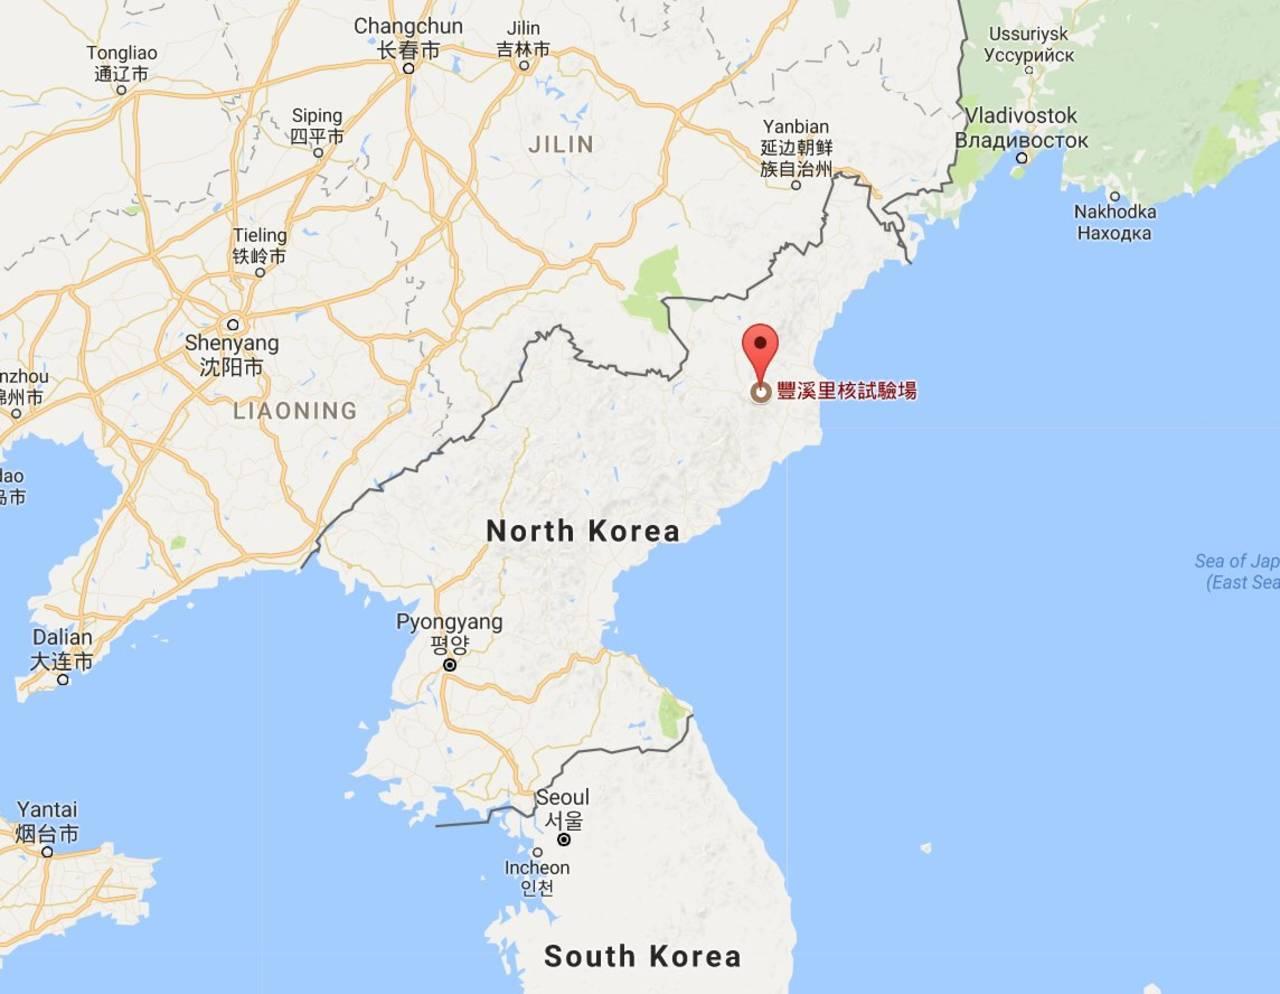 Un terremoto  sacude Norcorea